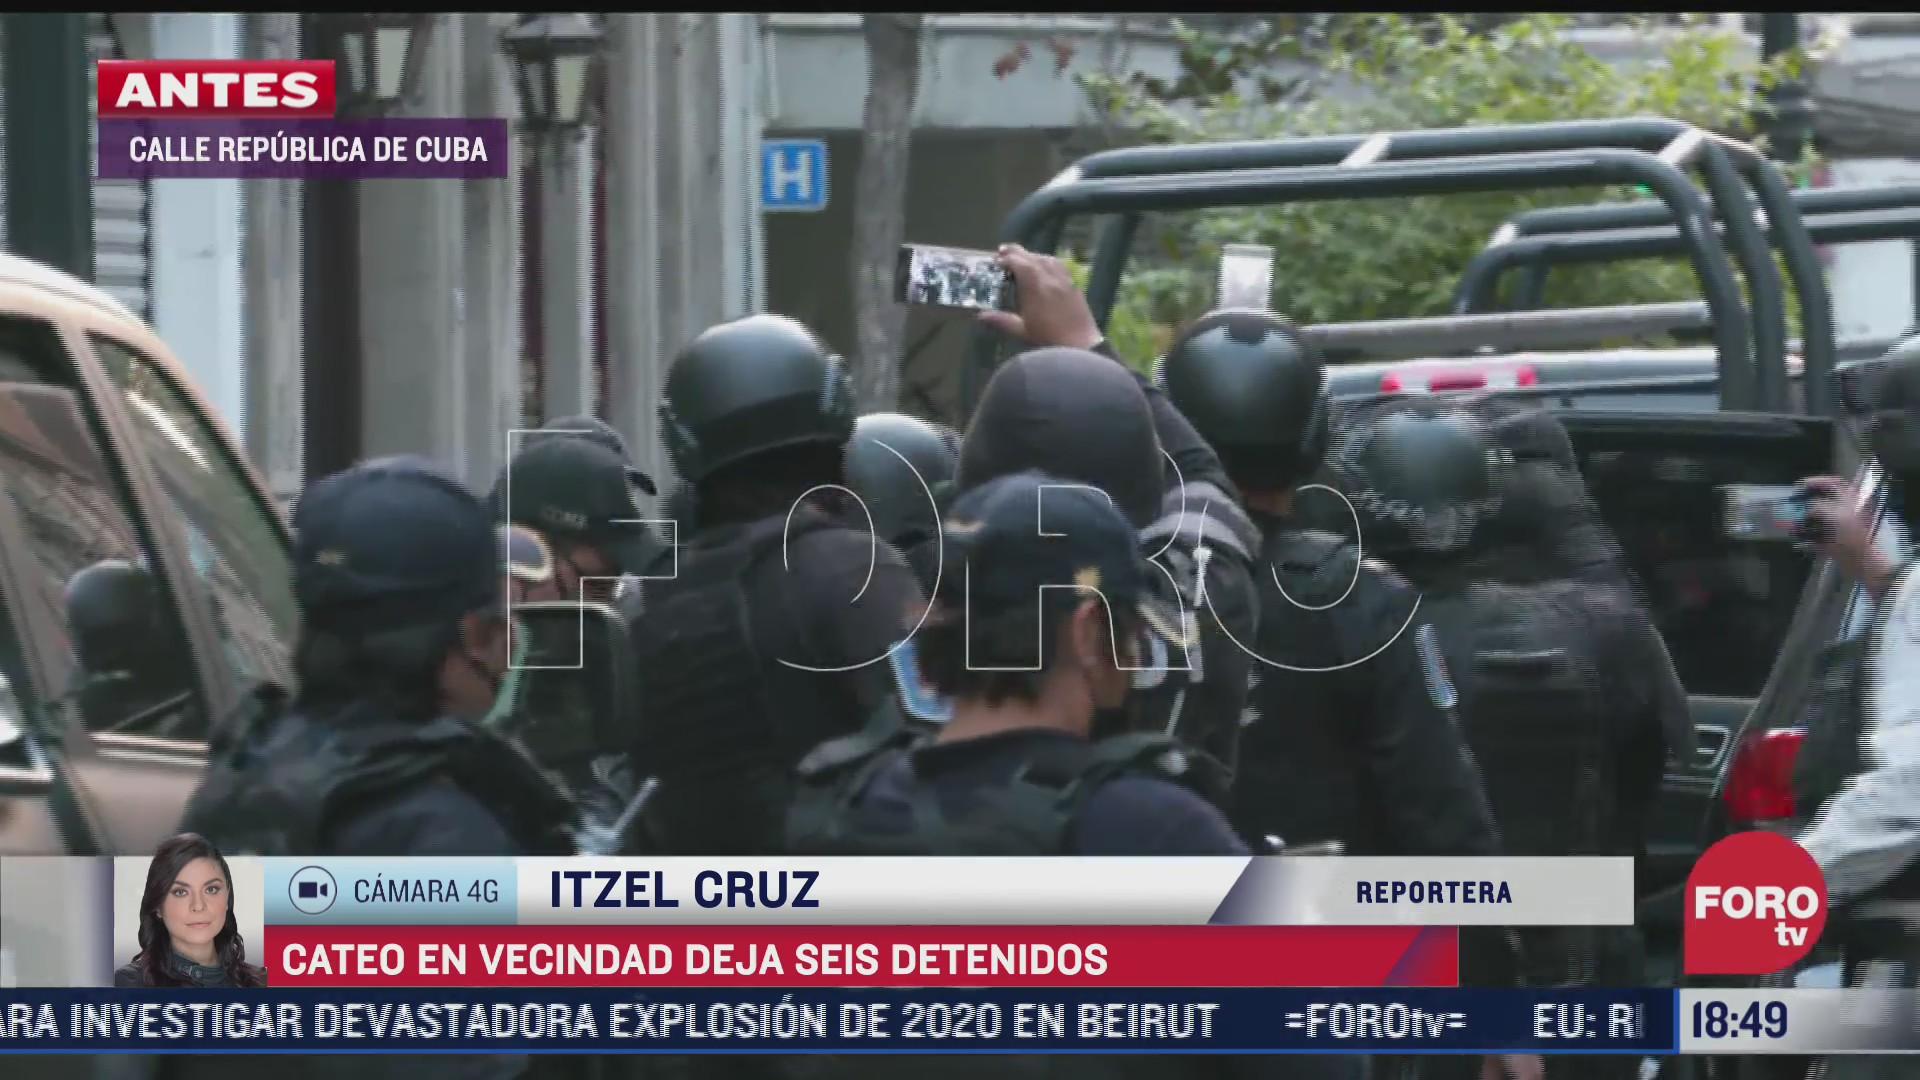 suman seis personas detenidas en cateo de la calle republica de cuba